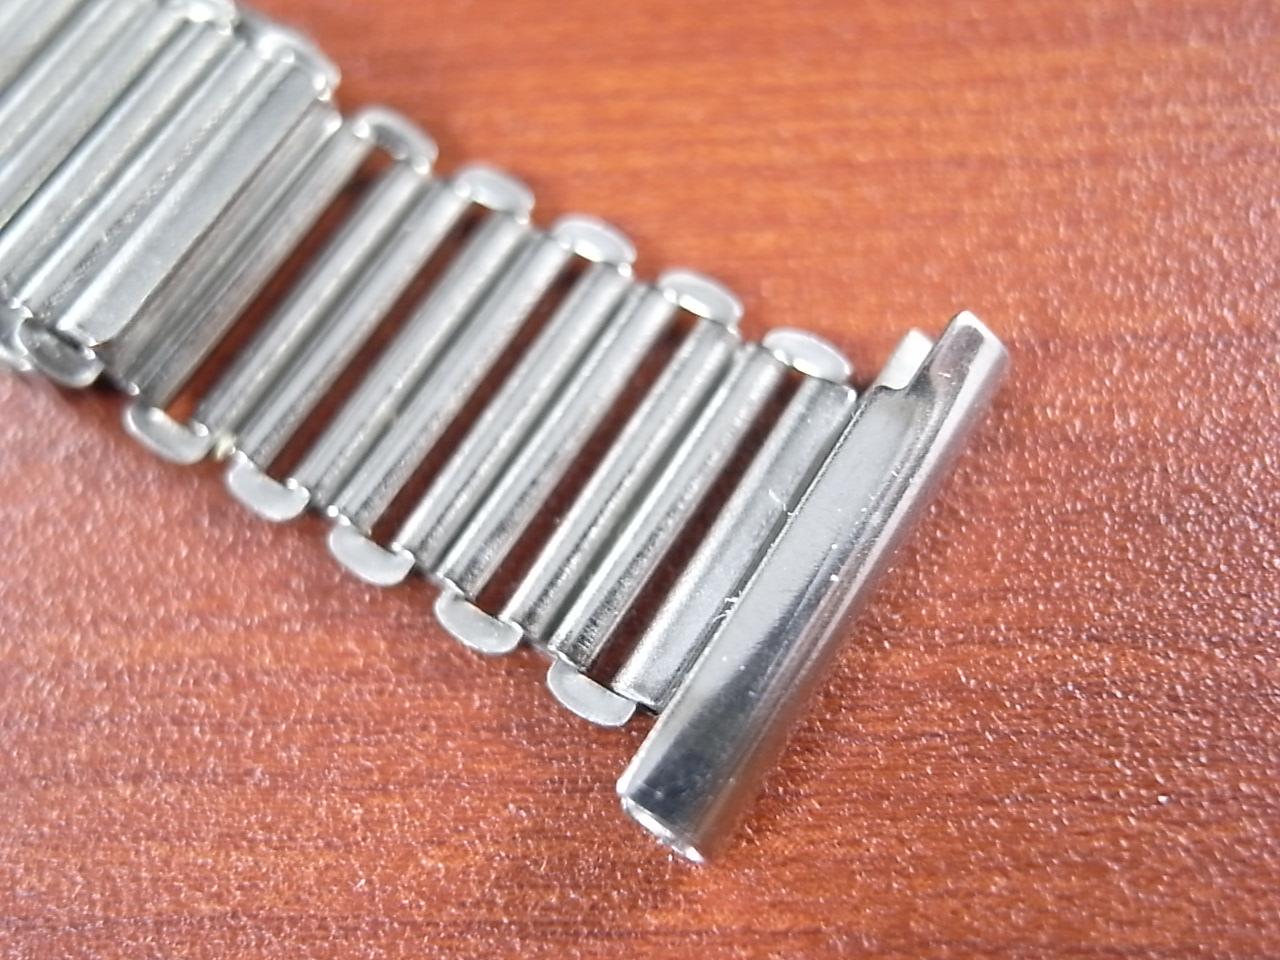 ボンクリップ バンブーブレス N.O.S. 13mmタイプ 16mm BONKLIPの写真5枚目